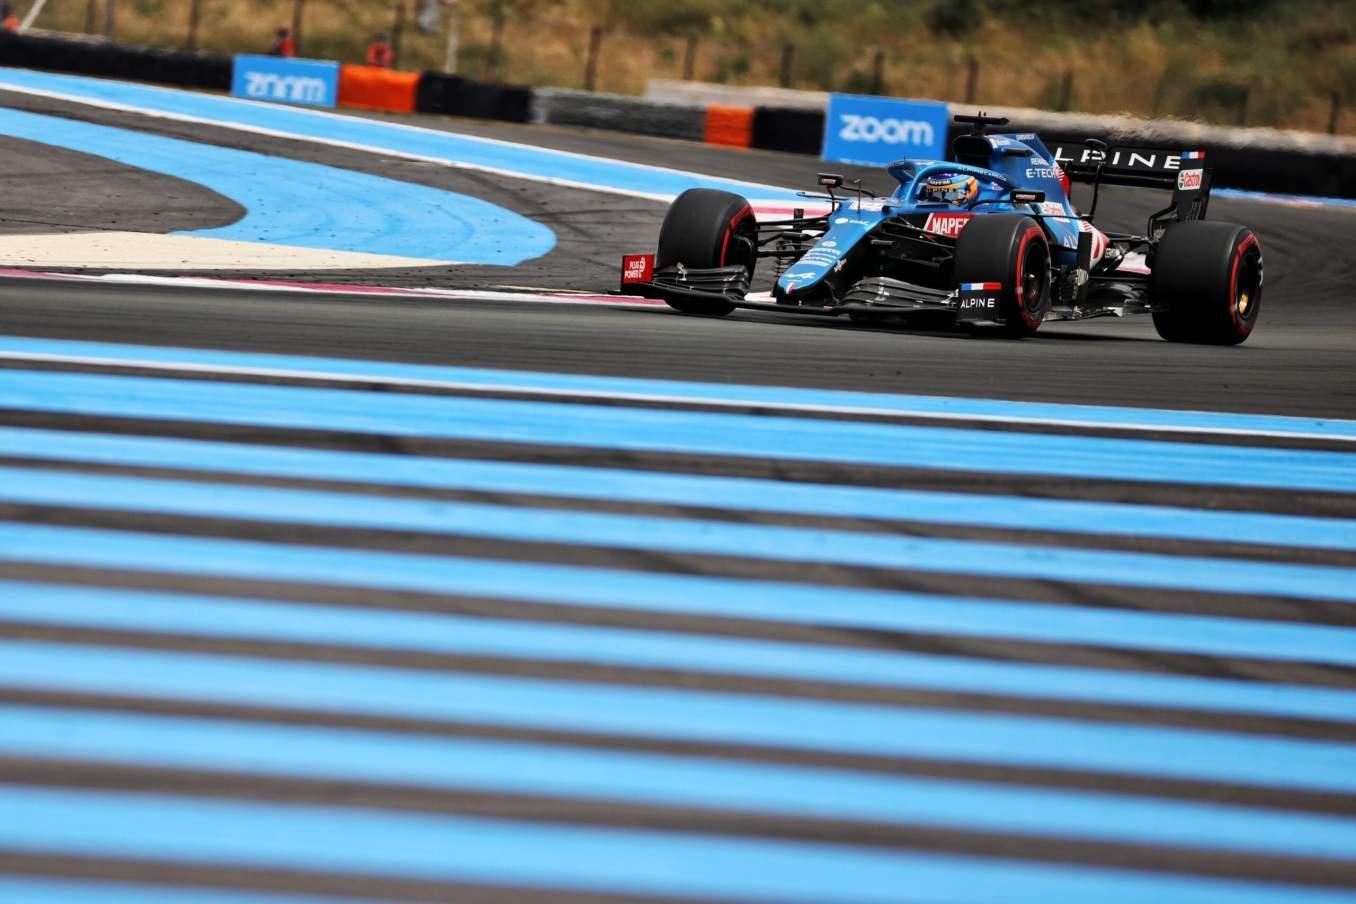 Alpine F1 Team A521 Alonso Ocon Castellet GP FRance 2021 6 scaled | Alpine F1 : Alonso entre en Q3, Ocon bloque en Q2 au Grand-Prix de France